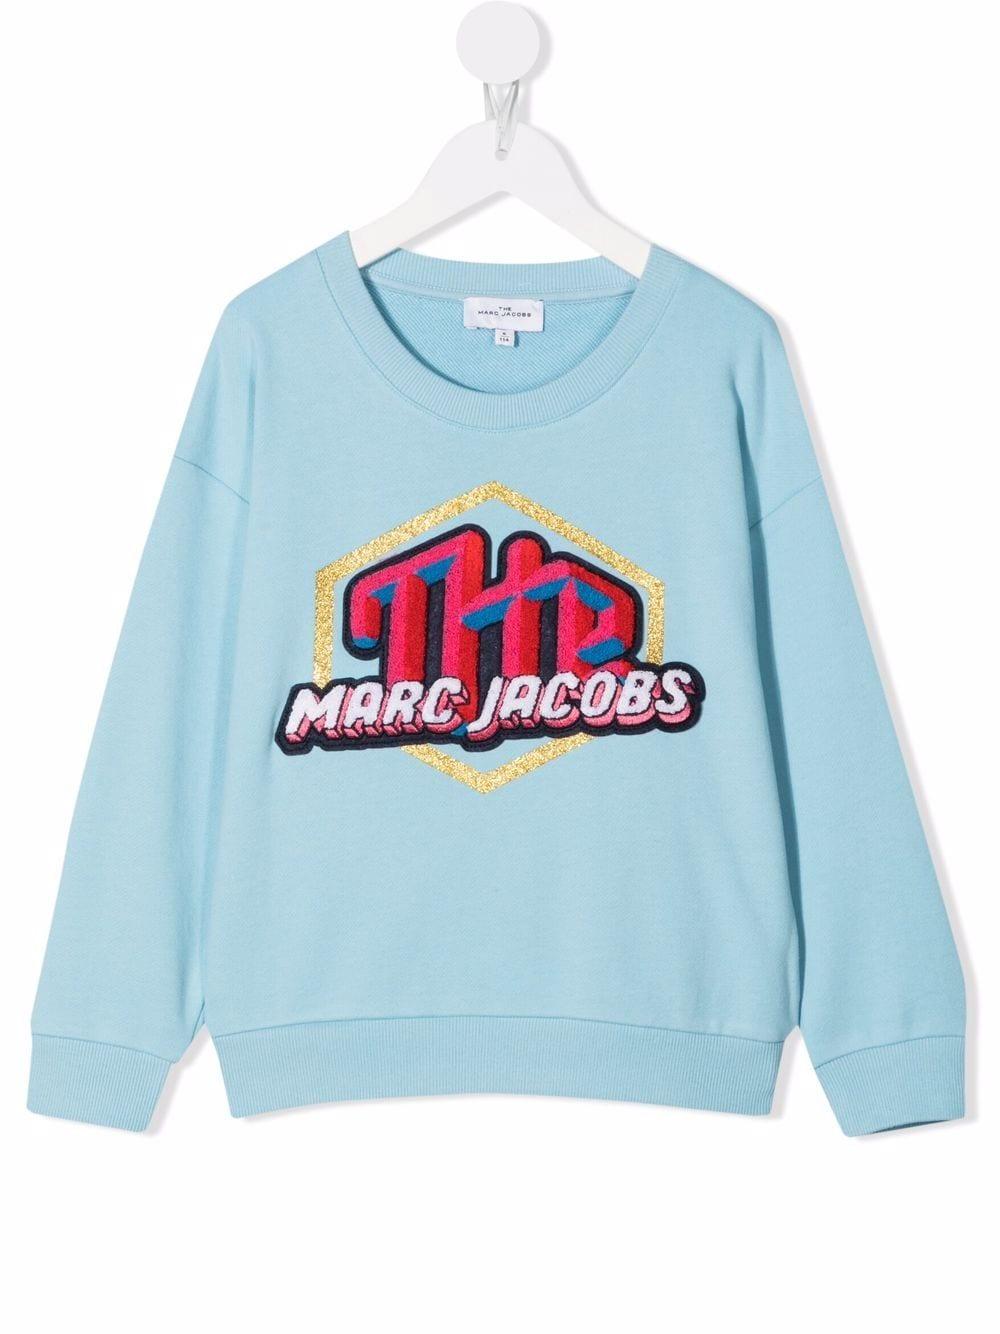 Sweatshirt Little Marc Jacobs LITTLE MARC JACOBS | -108764232 | W1557575R